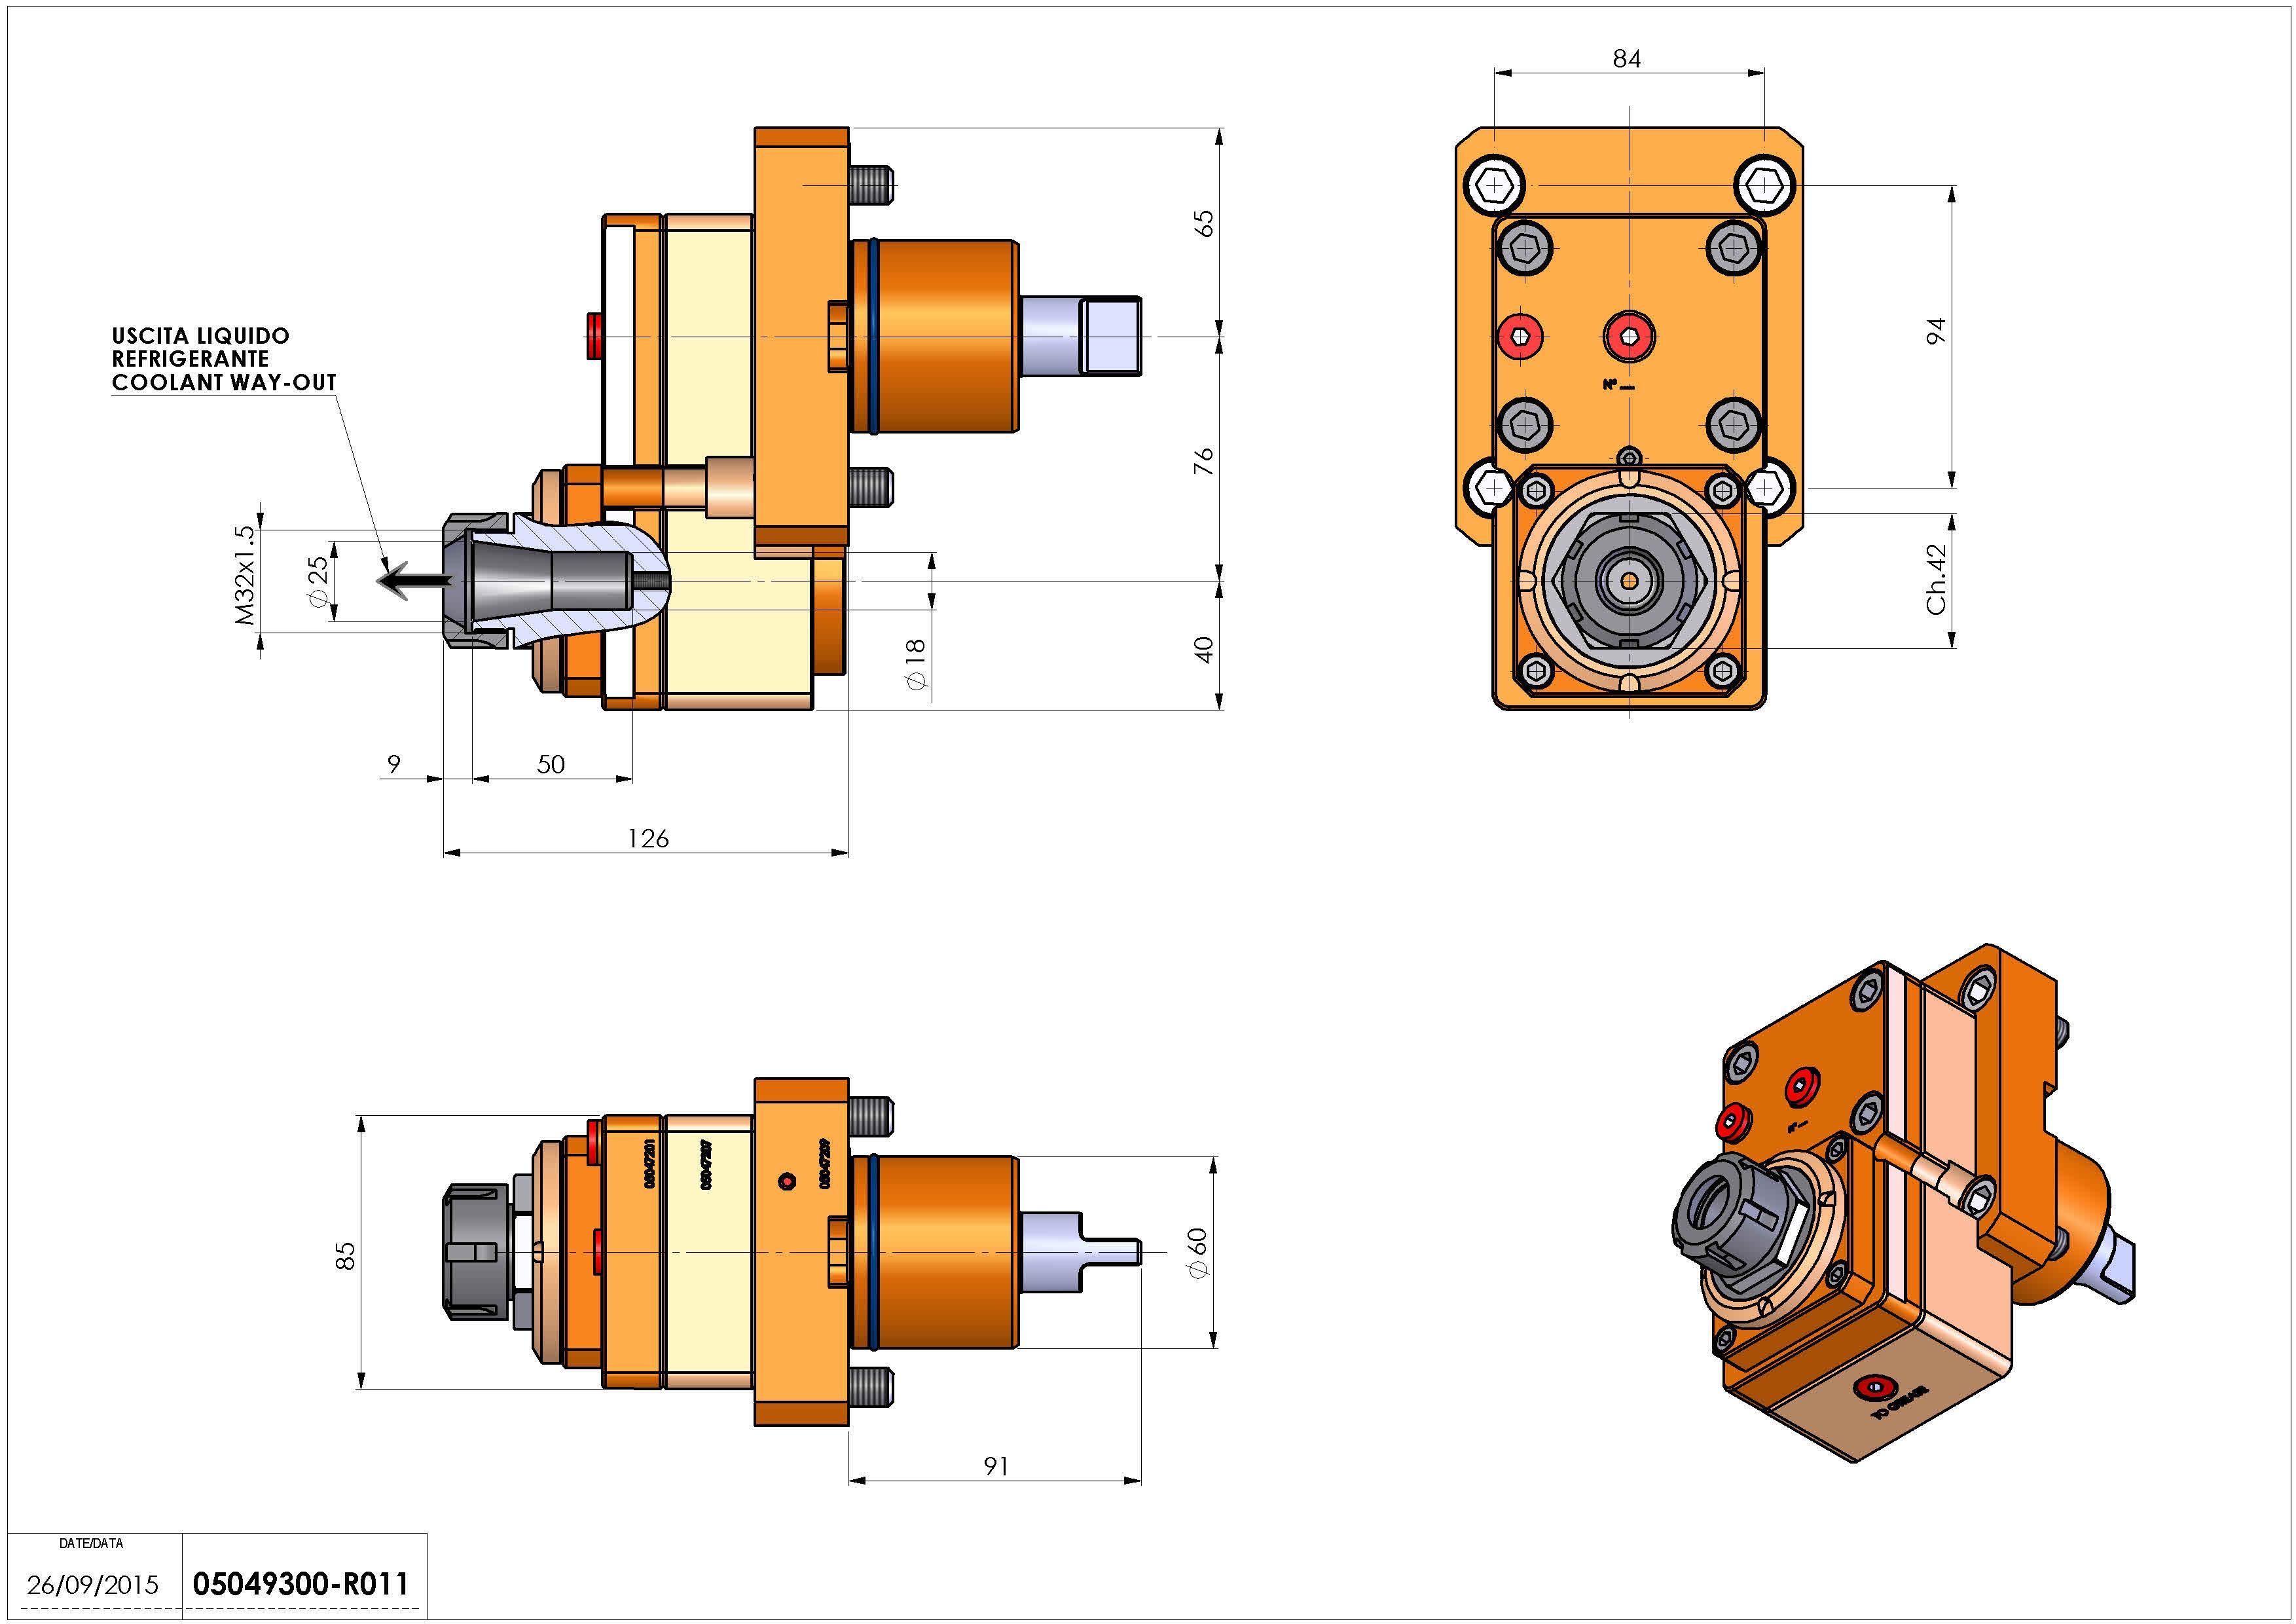 Technical image - LT-S D60 ER25 OF76 RF 1:1 H126.